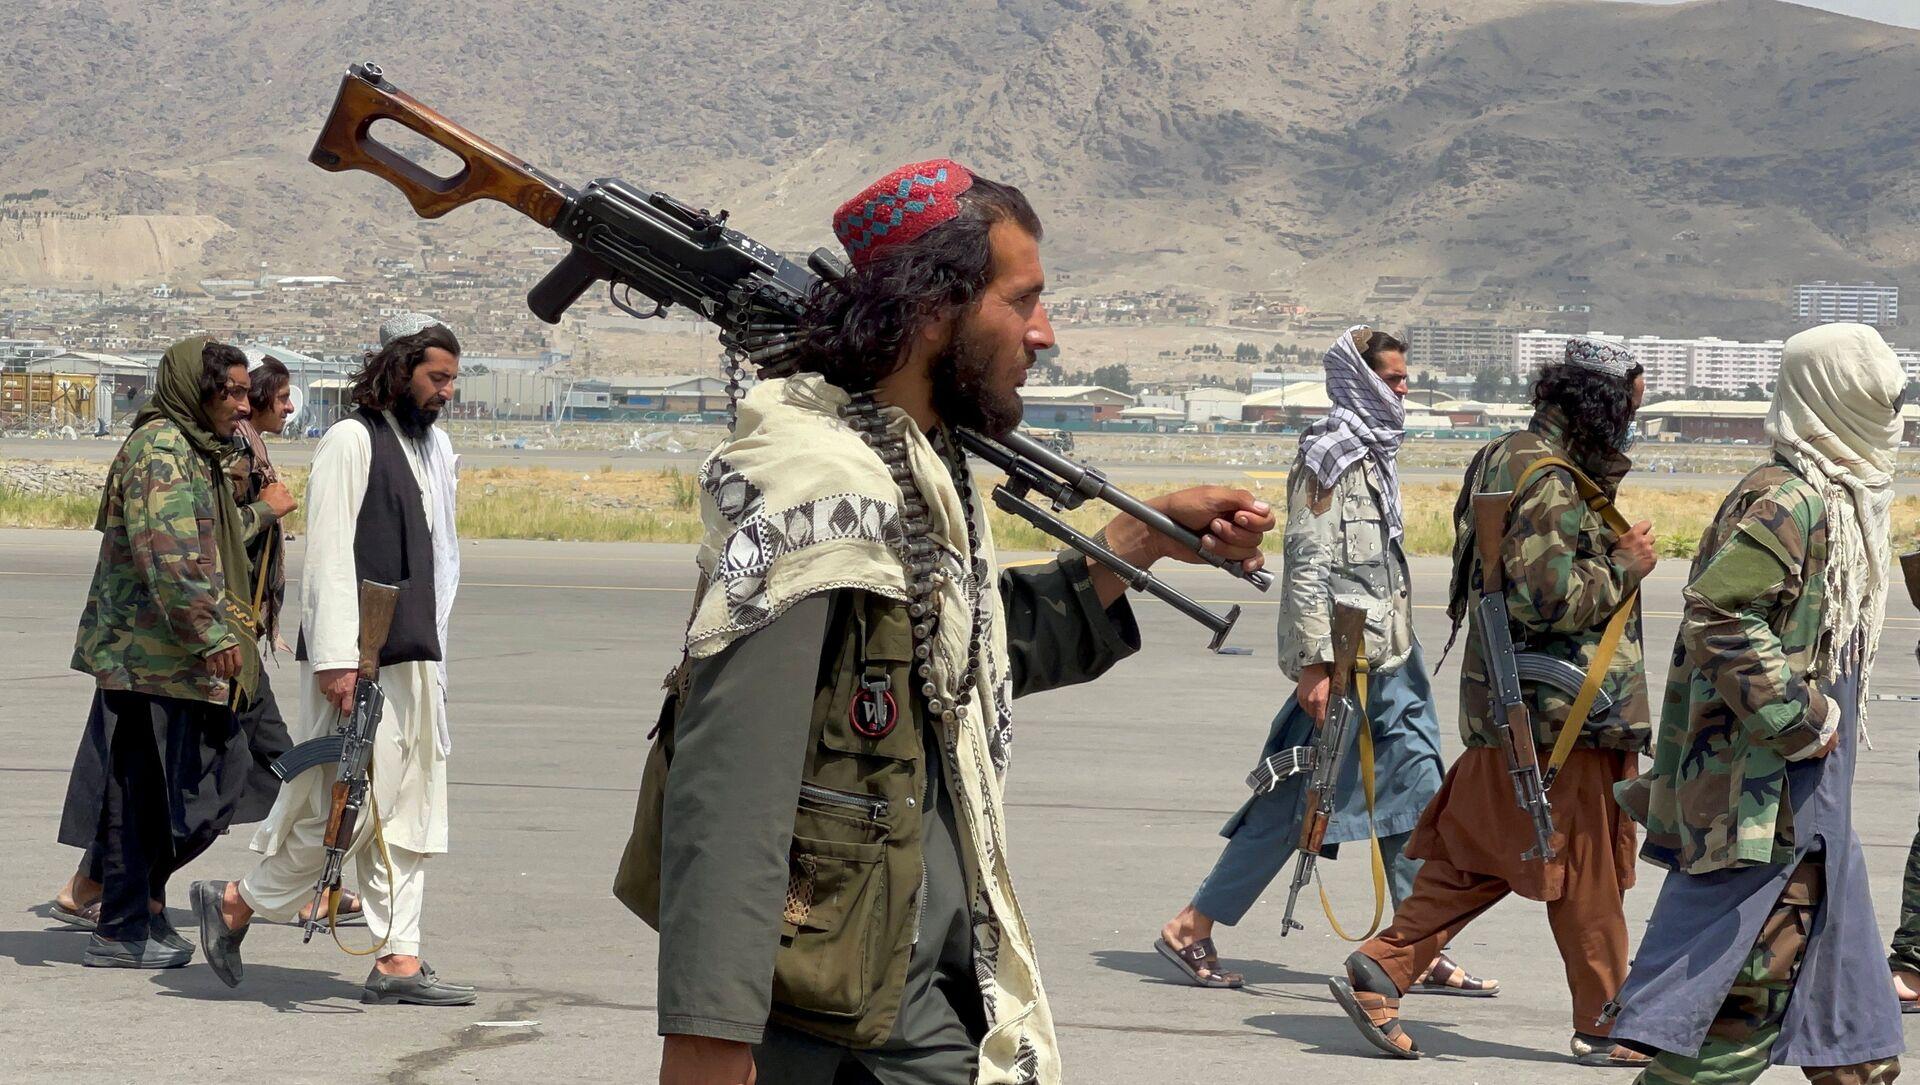 Боевики движения Талибан (террористическая группировка, запрещеннфая в РФ) в Кабуле, 31 авгутса 2021 года - Sputnik Azərbaycan, 1920, 06.09.2021